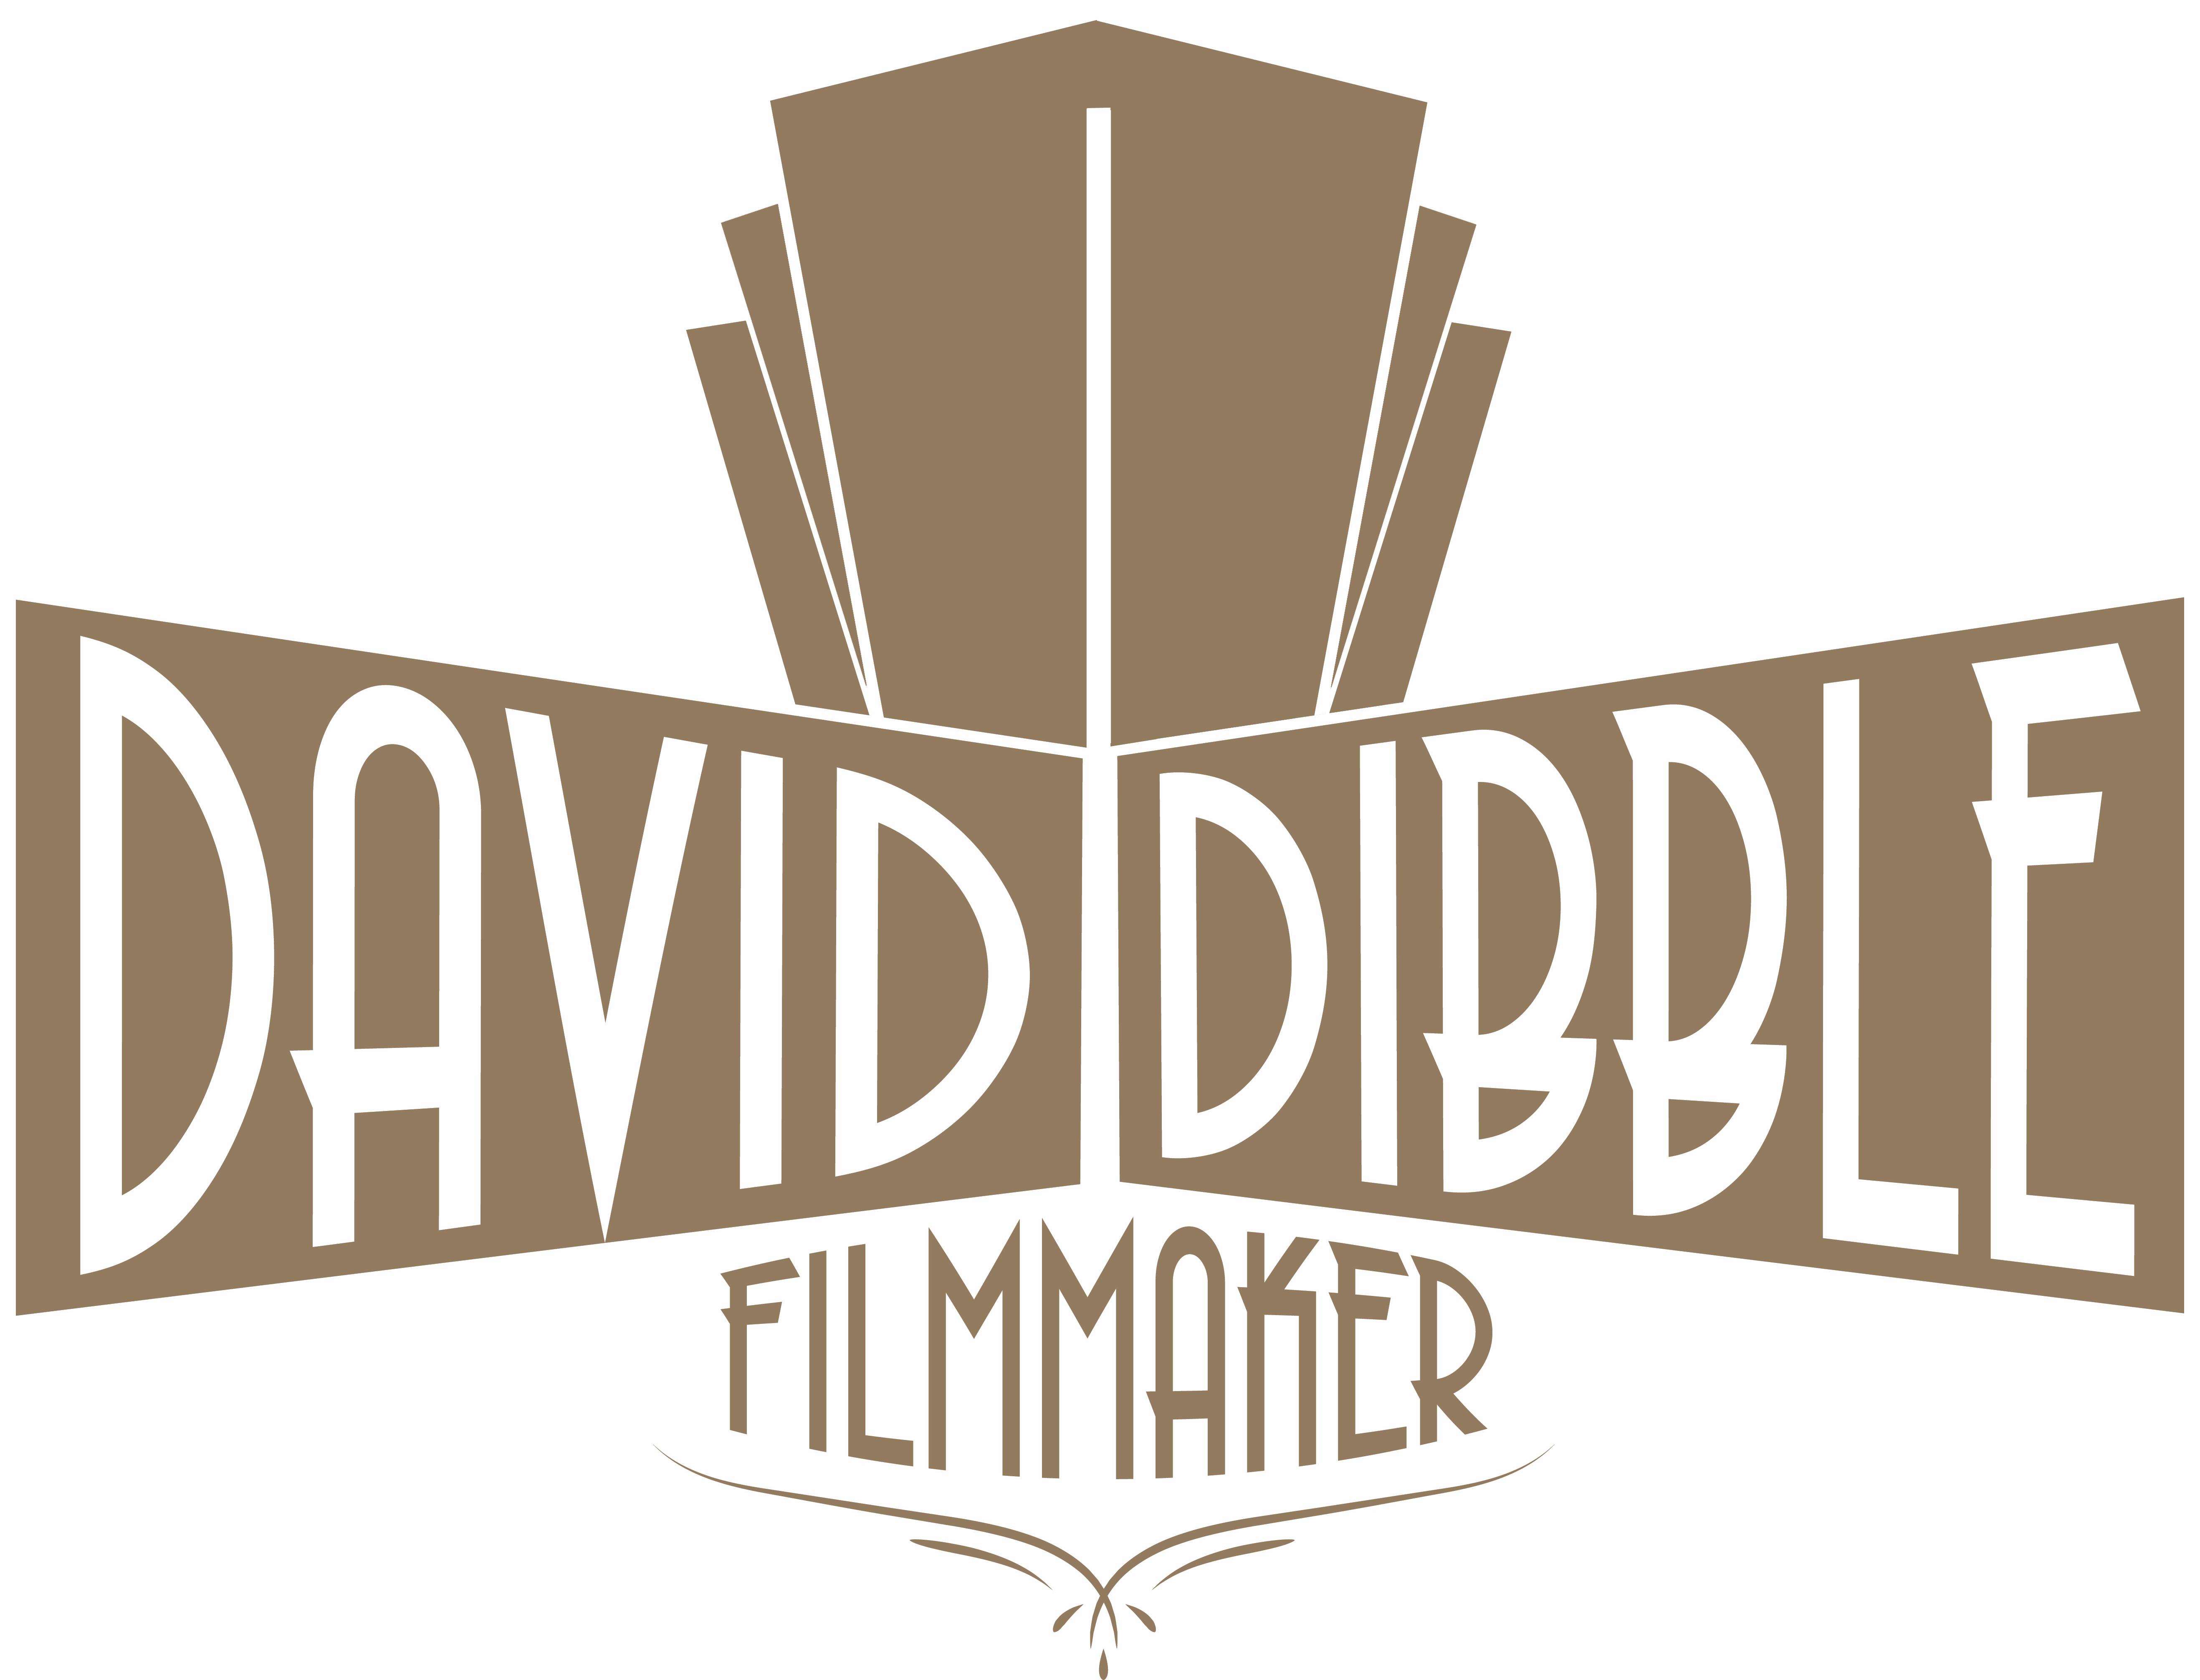 David Dibble Director